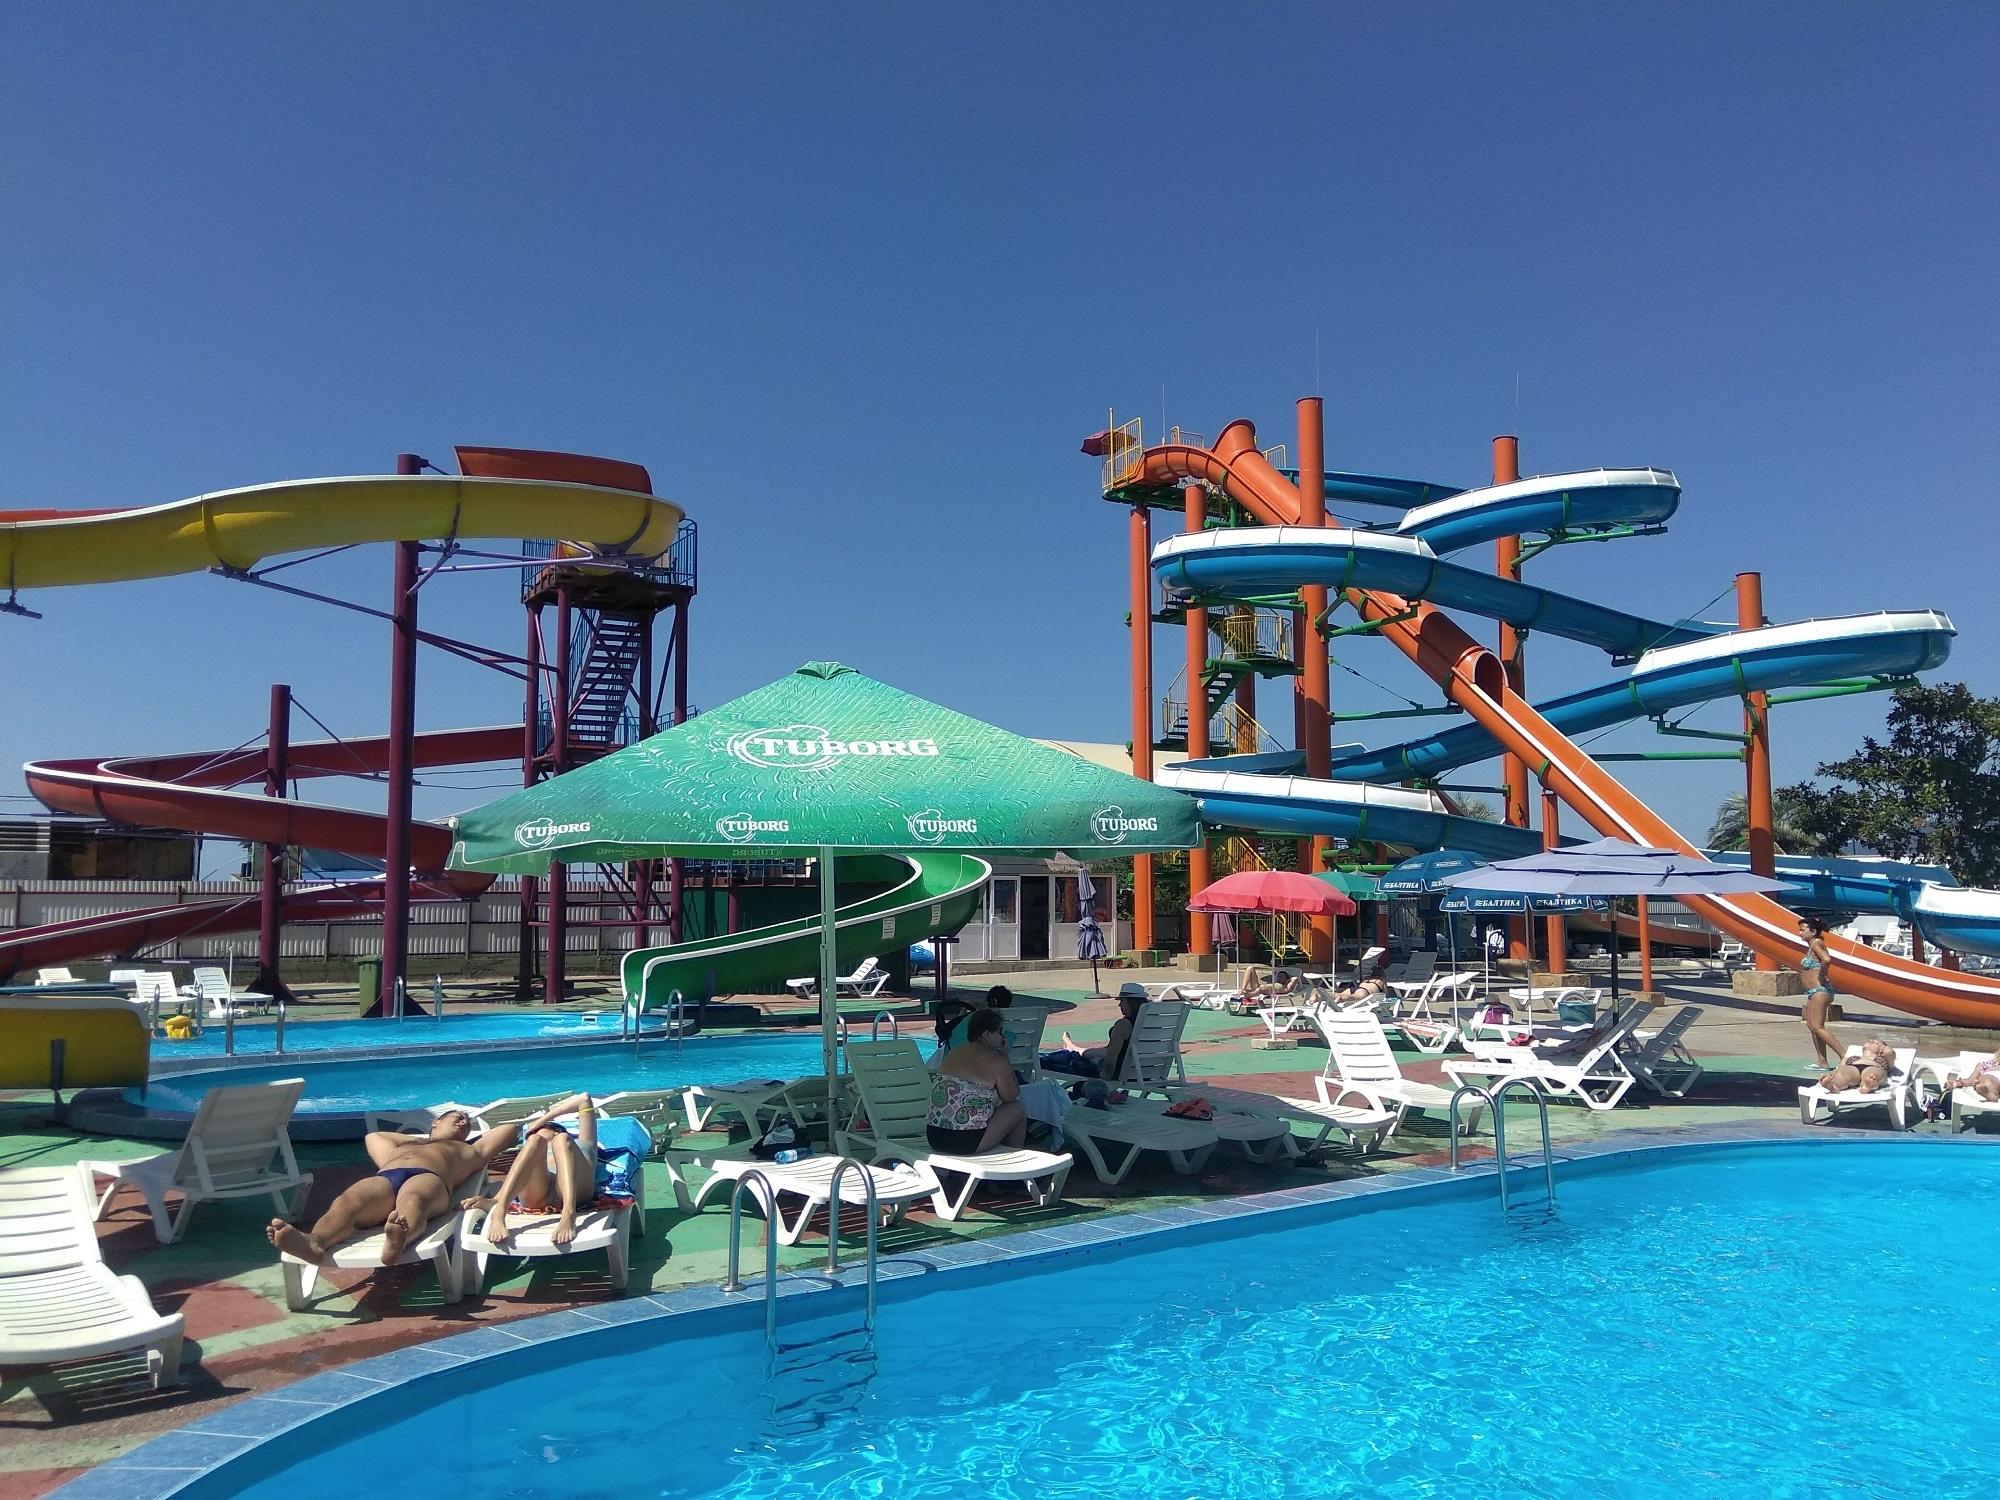 Фото где в абхазии самый большой аквапарк